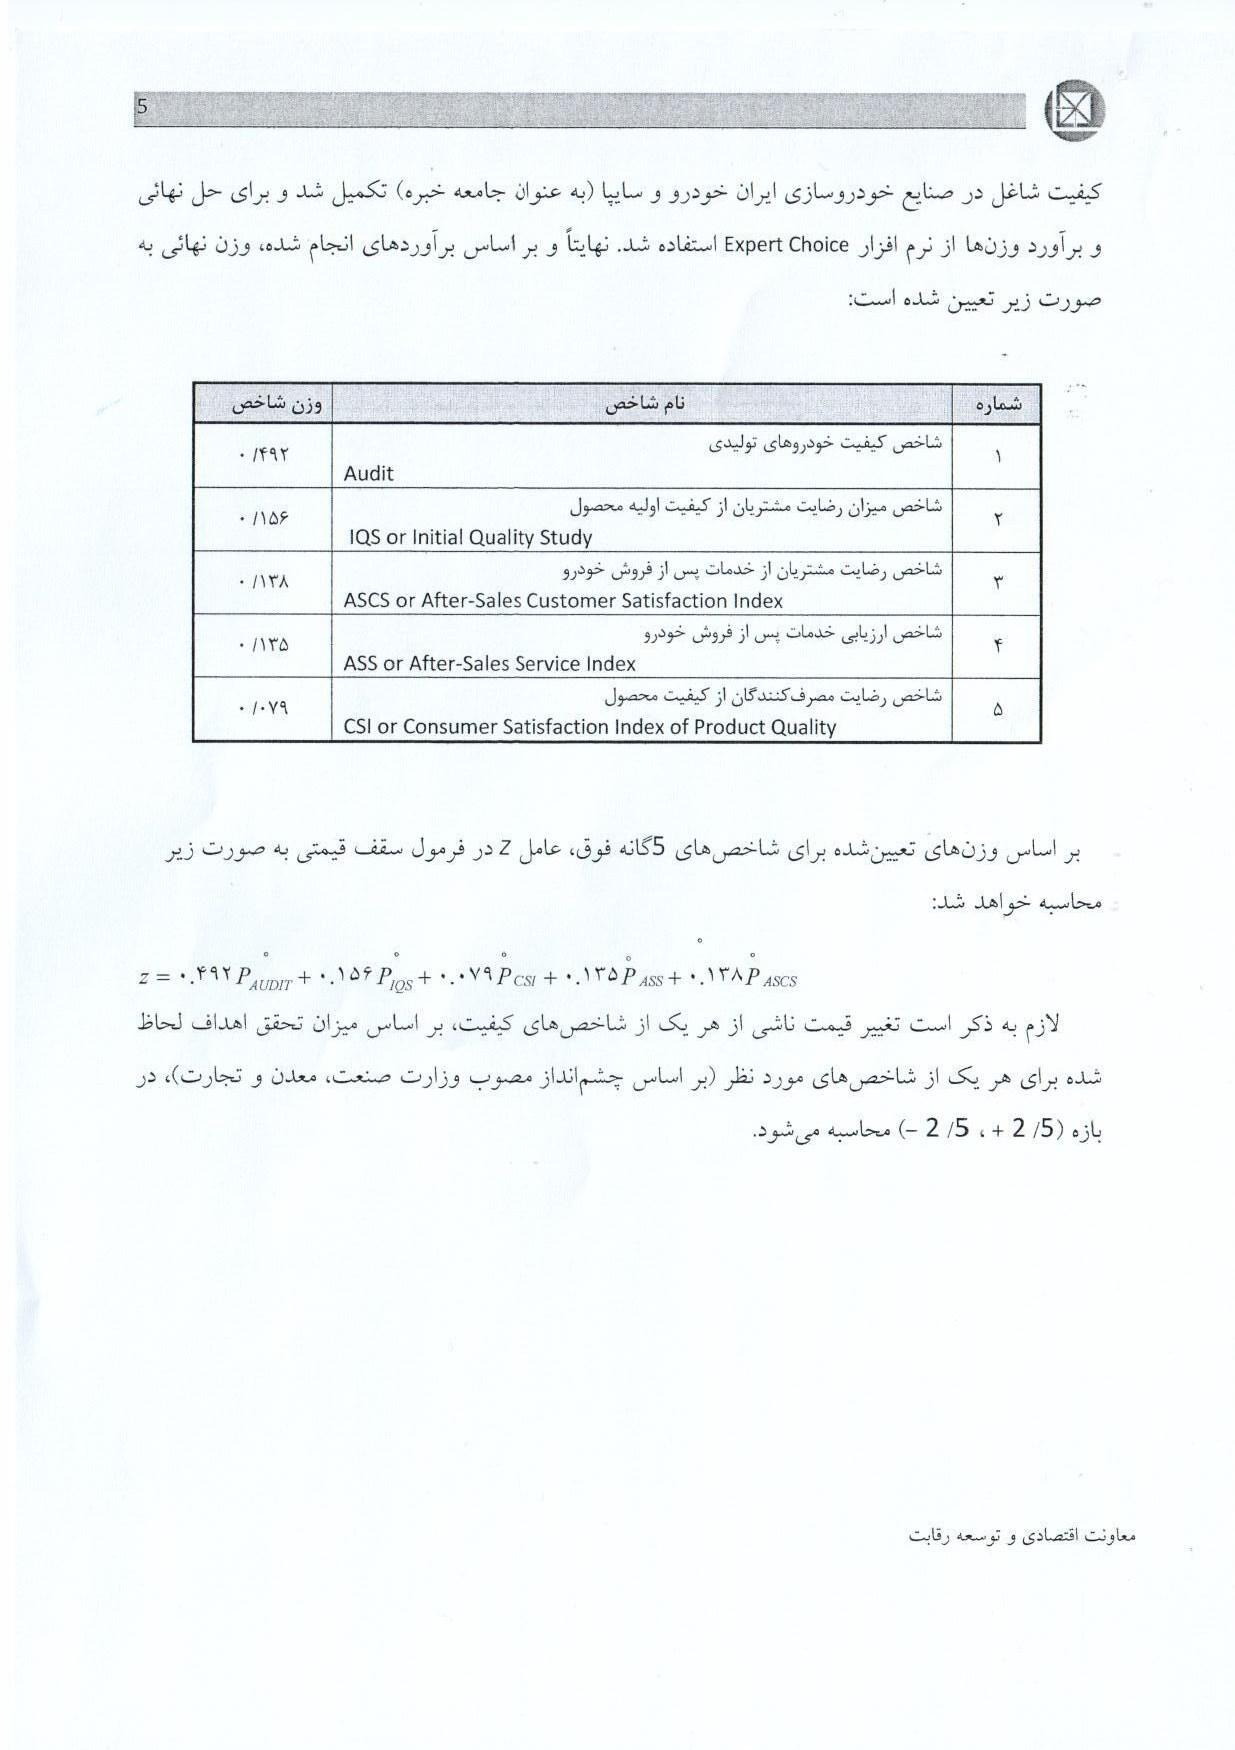 دستورالعمل تعیین قیمت خودرو